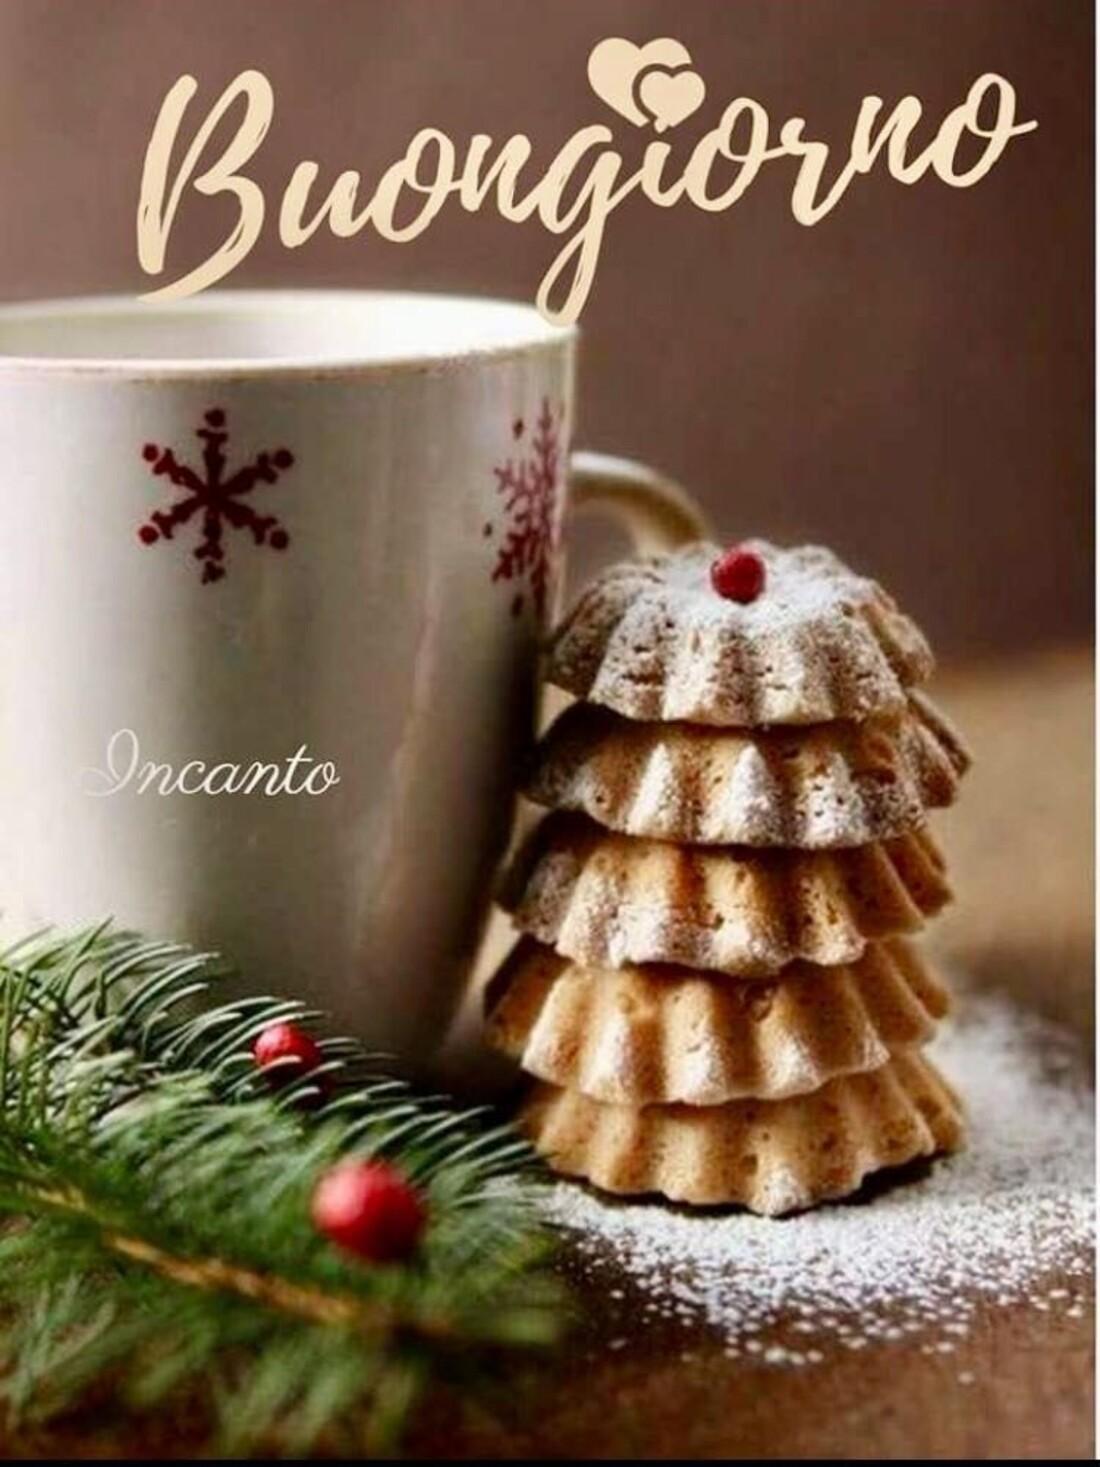 Buongiorno con dolci natalizi